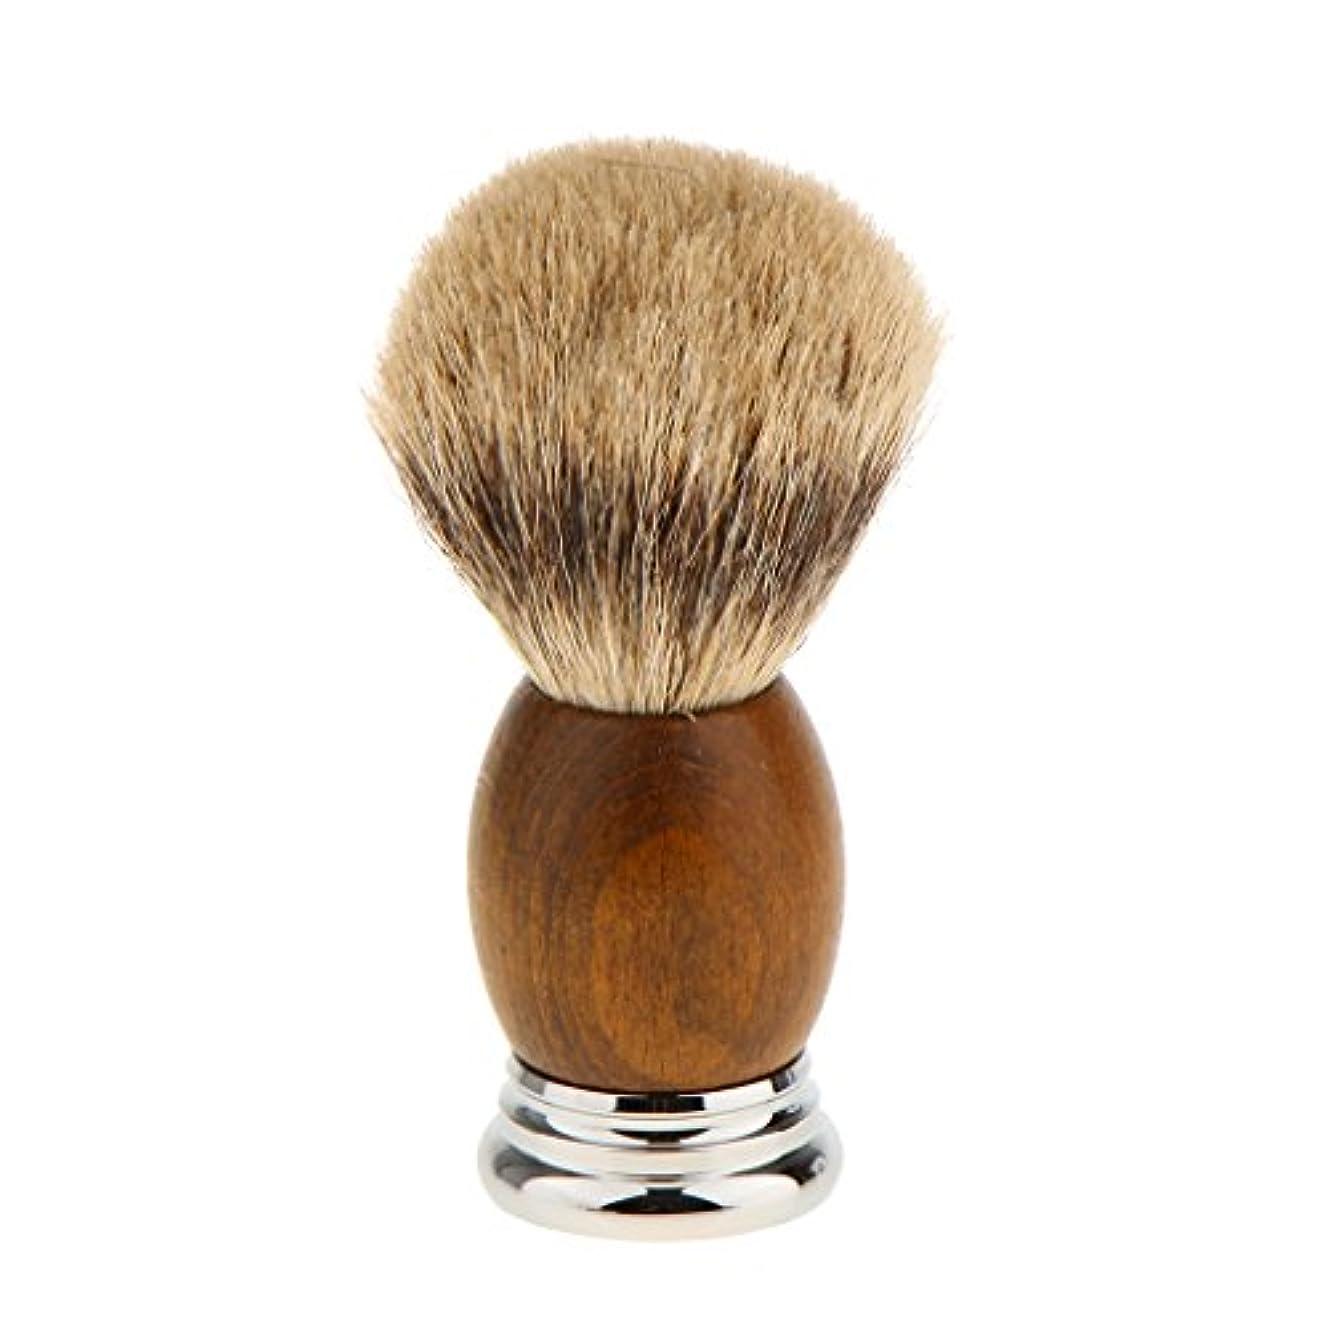 モザイク比較ボイドLovoski 紳士 高密度 シェービングブラシ レトロ 木製ハンドル 髭剃り 泡立ち 洗顔ブラシ 父の日